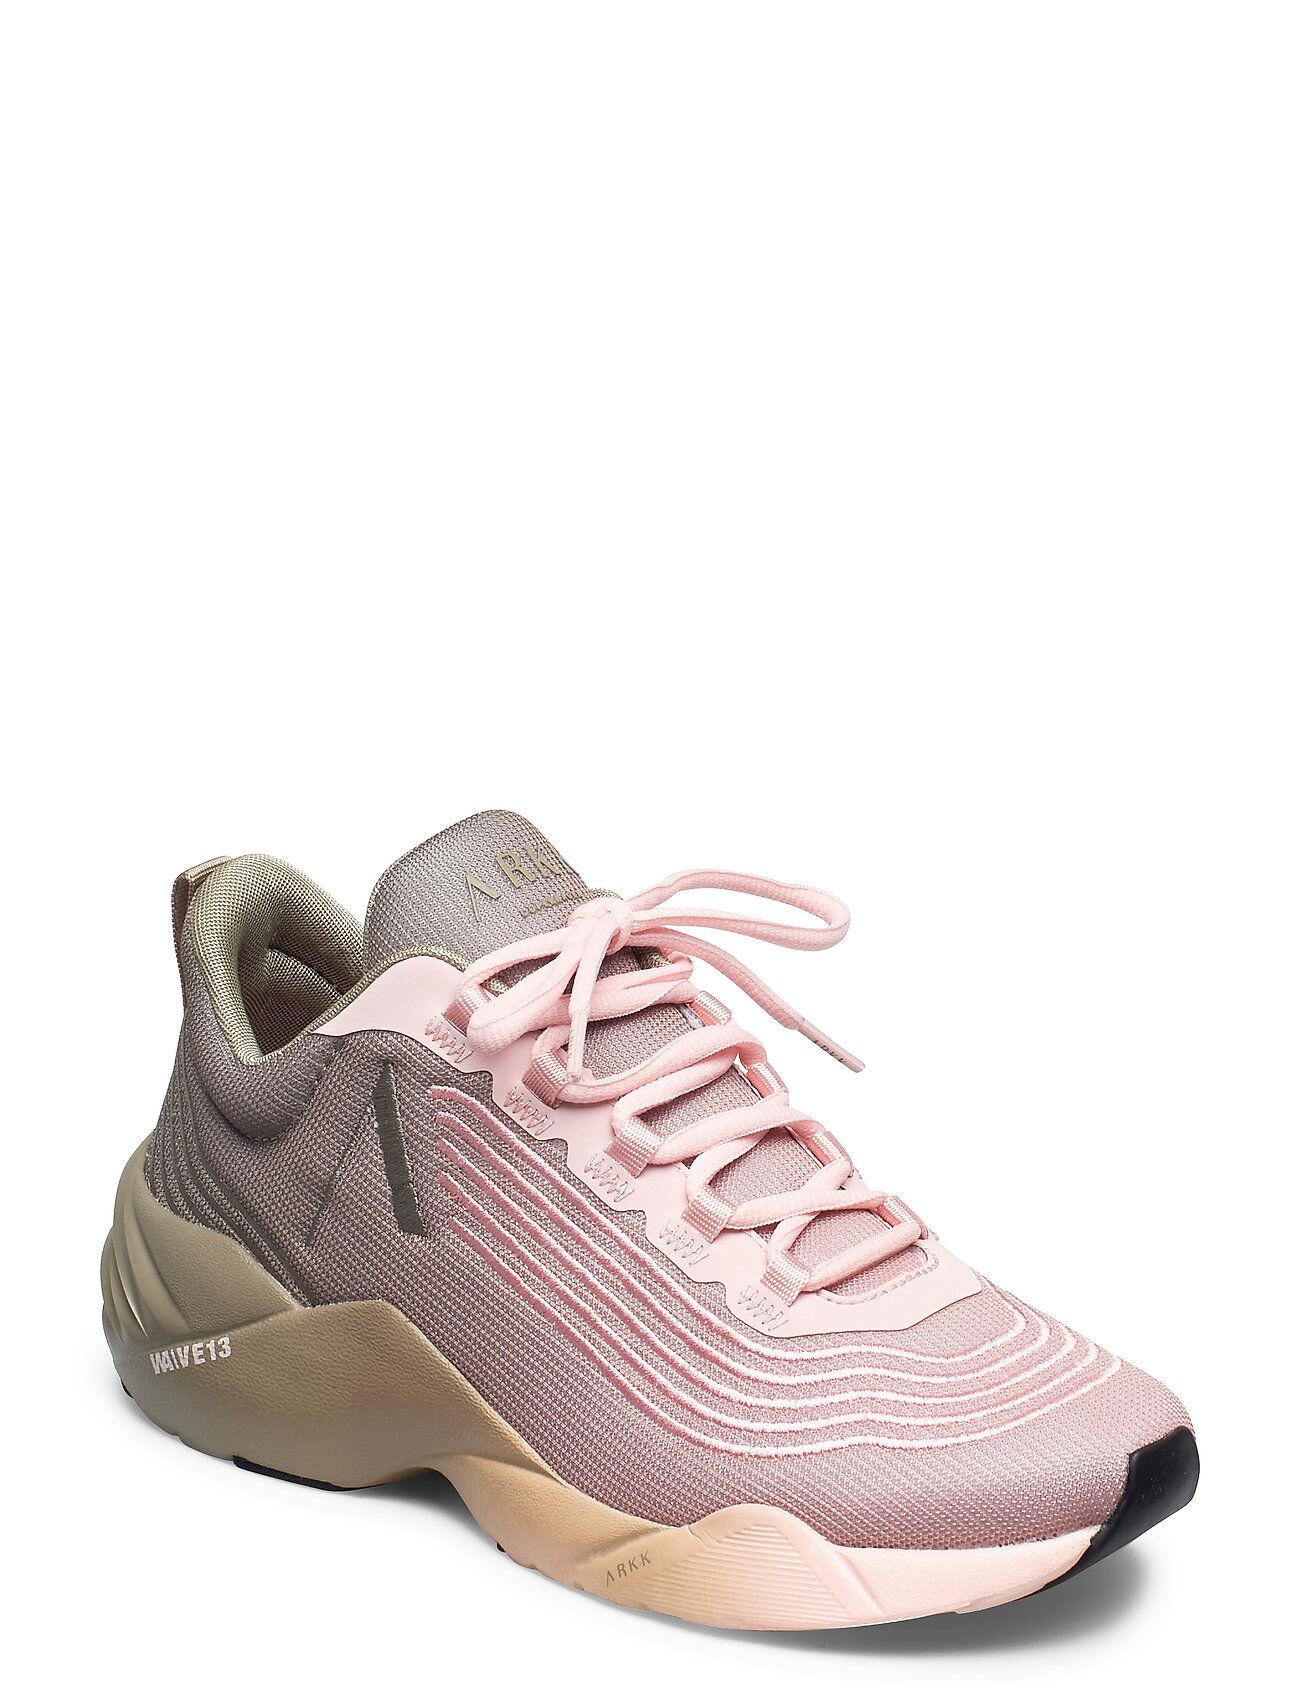 ARKK Copenhagen Avory Mesh W13 Soft Army Seashell P Matalavartiset Sneakerit Tennarit Vaaleanpunainen ARKK Copenhagen